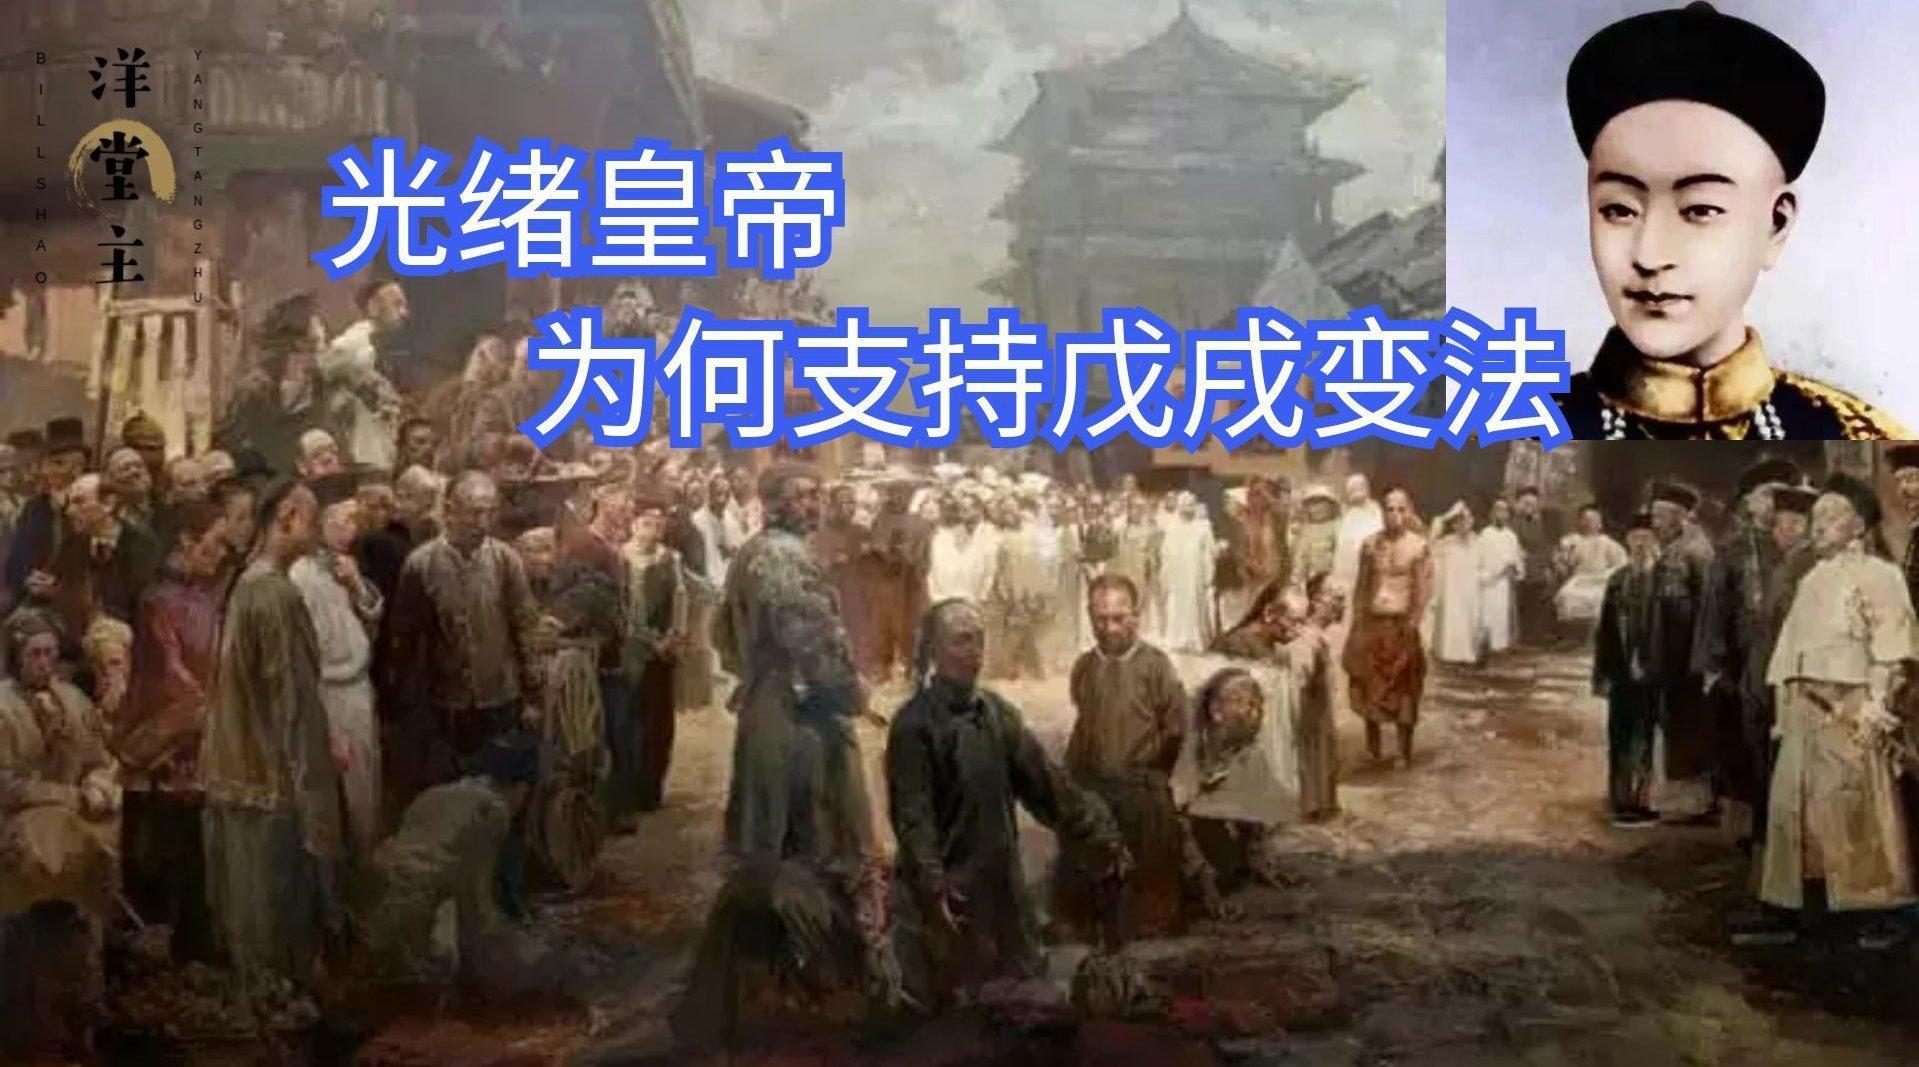 光绪皇帝为何支持戊戌变法,是为了夺回皇权吗?